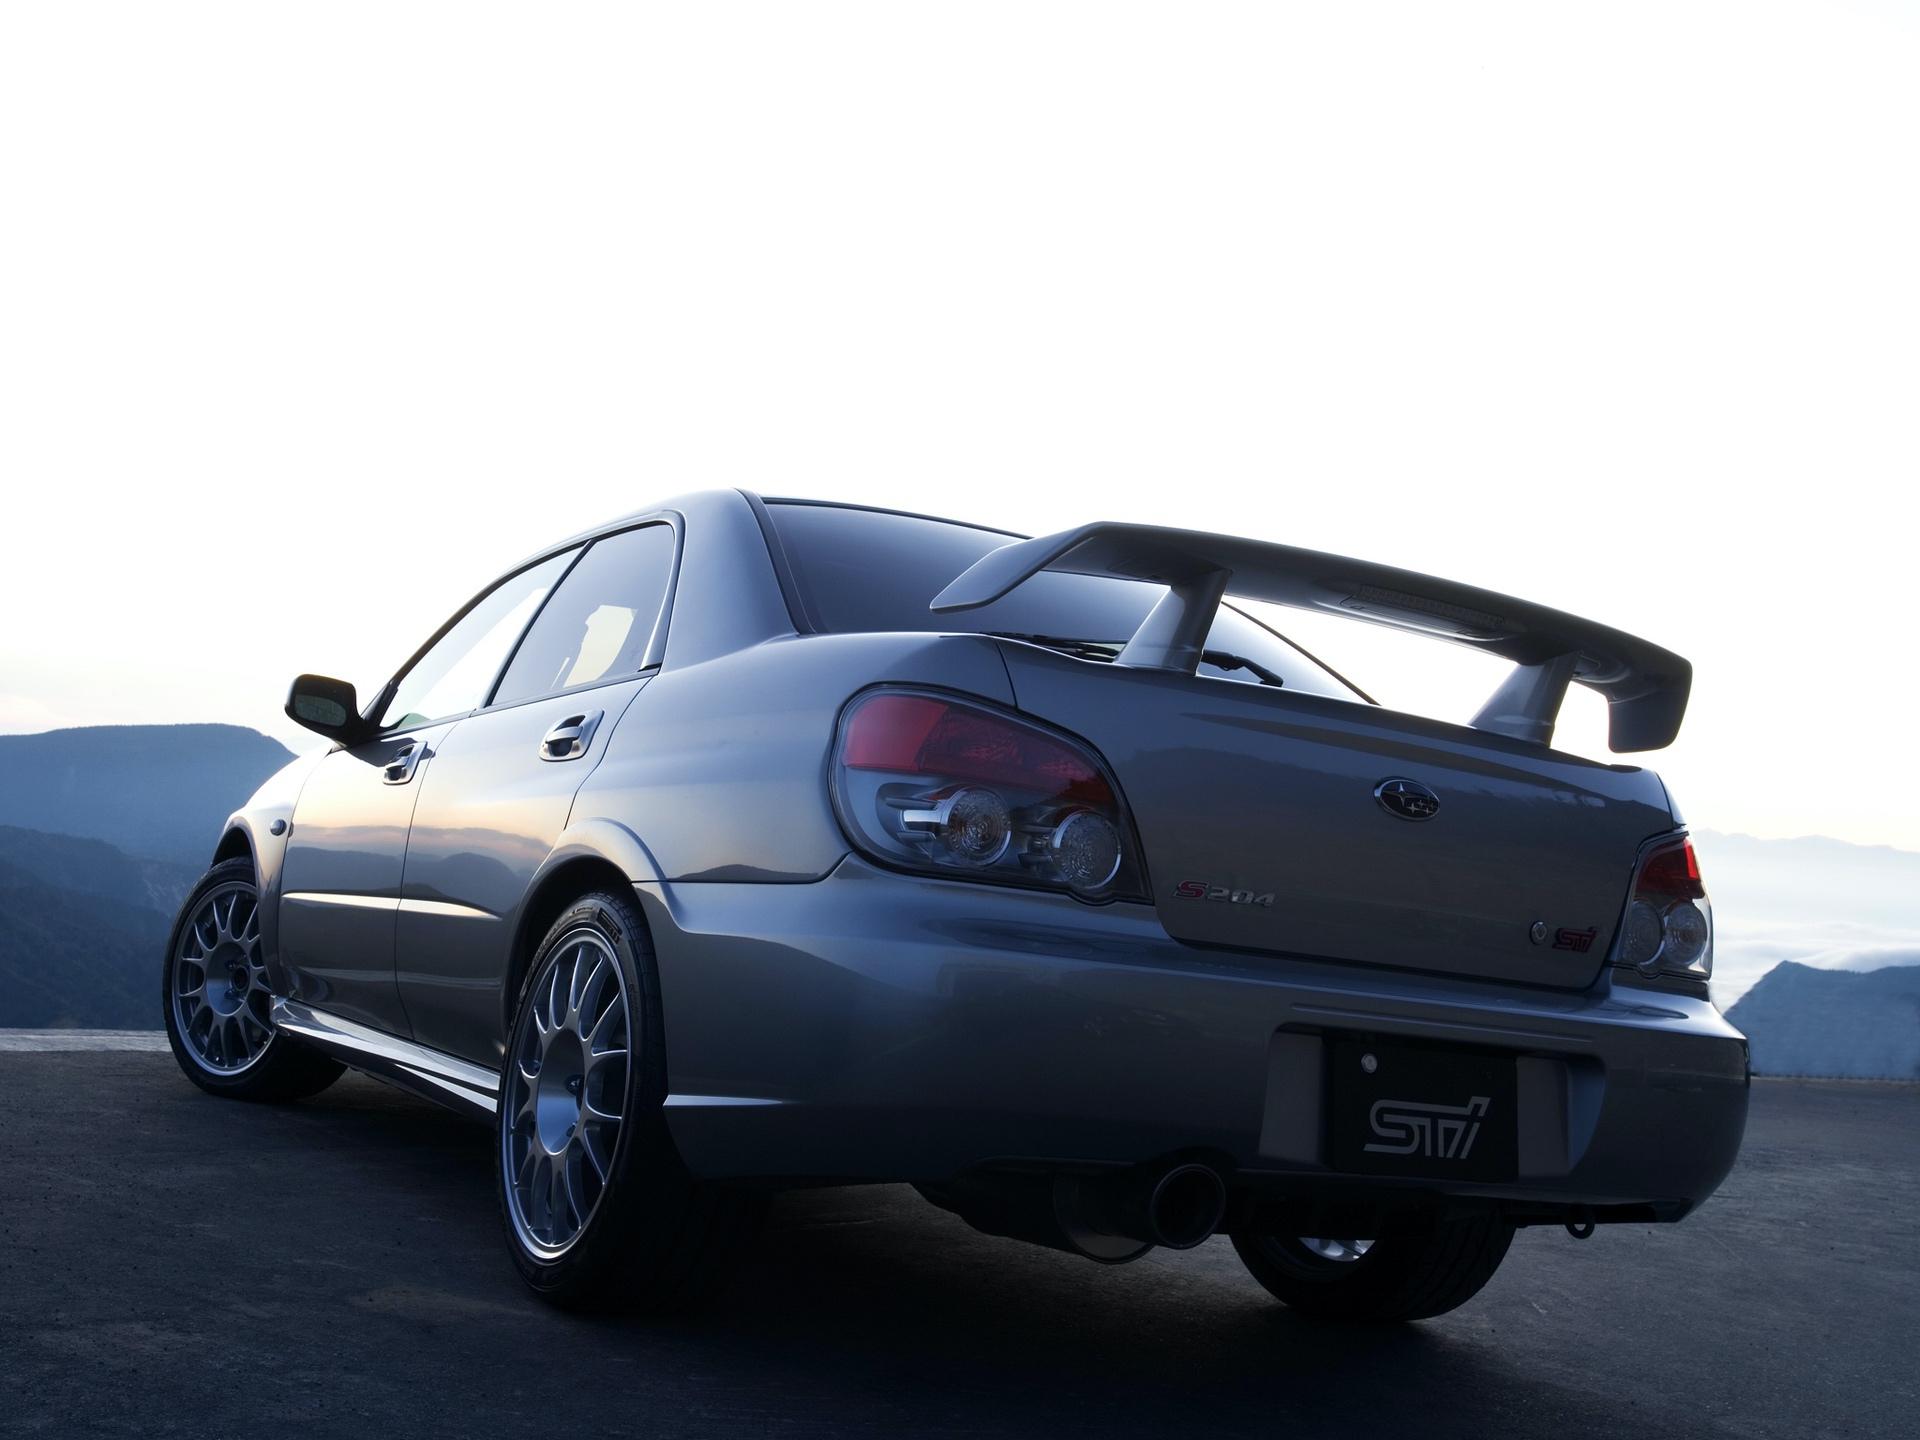 Subaru_Impreza_STI_S204_0003